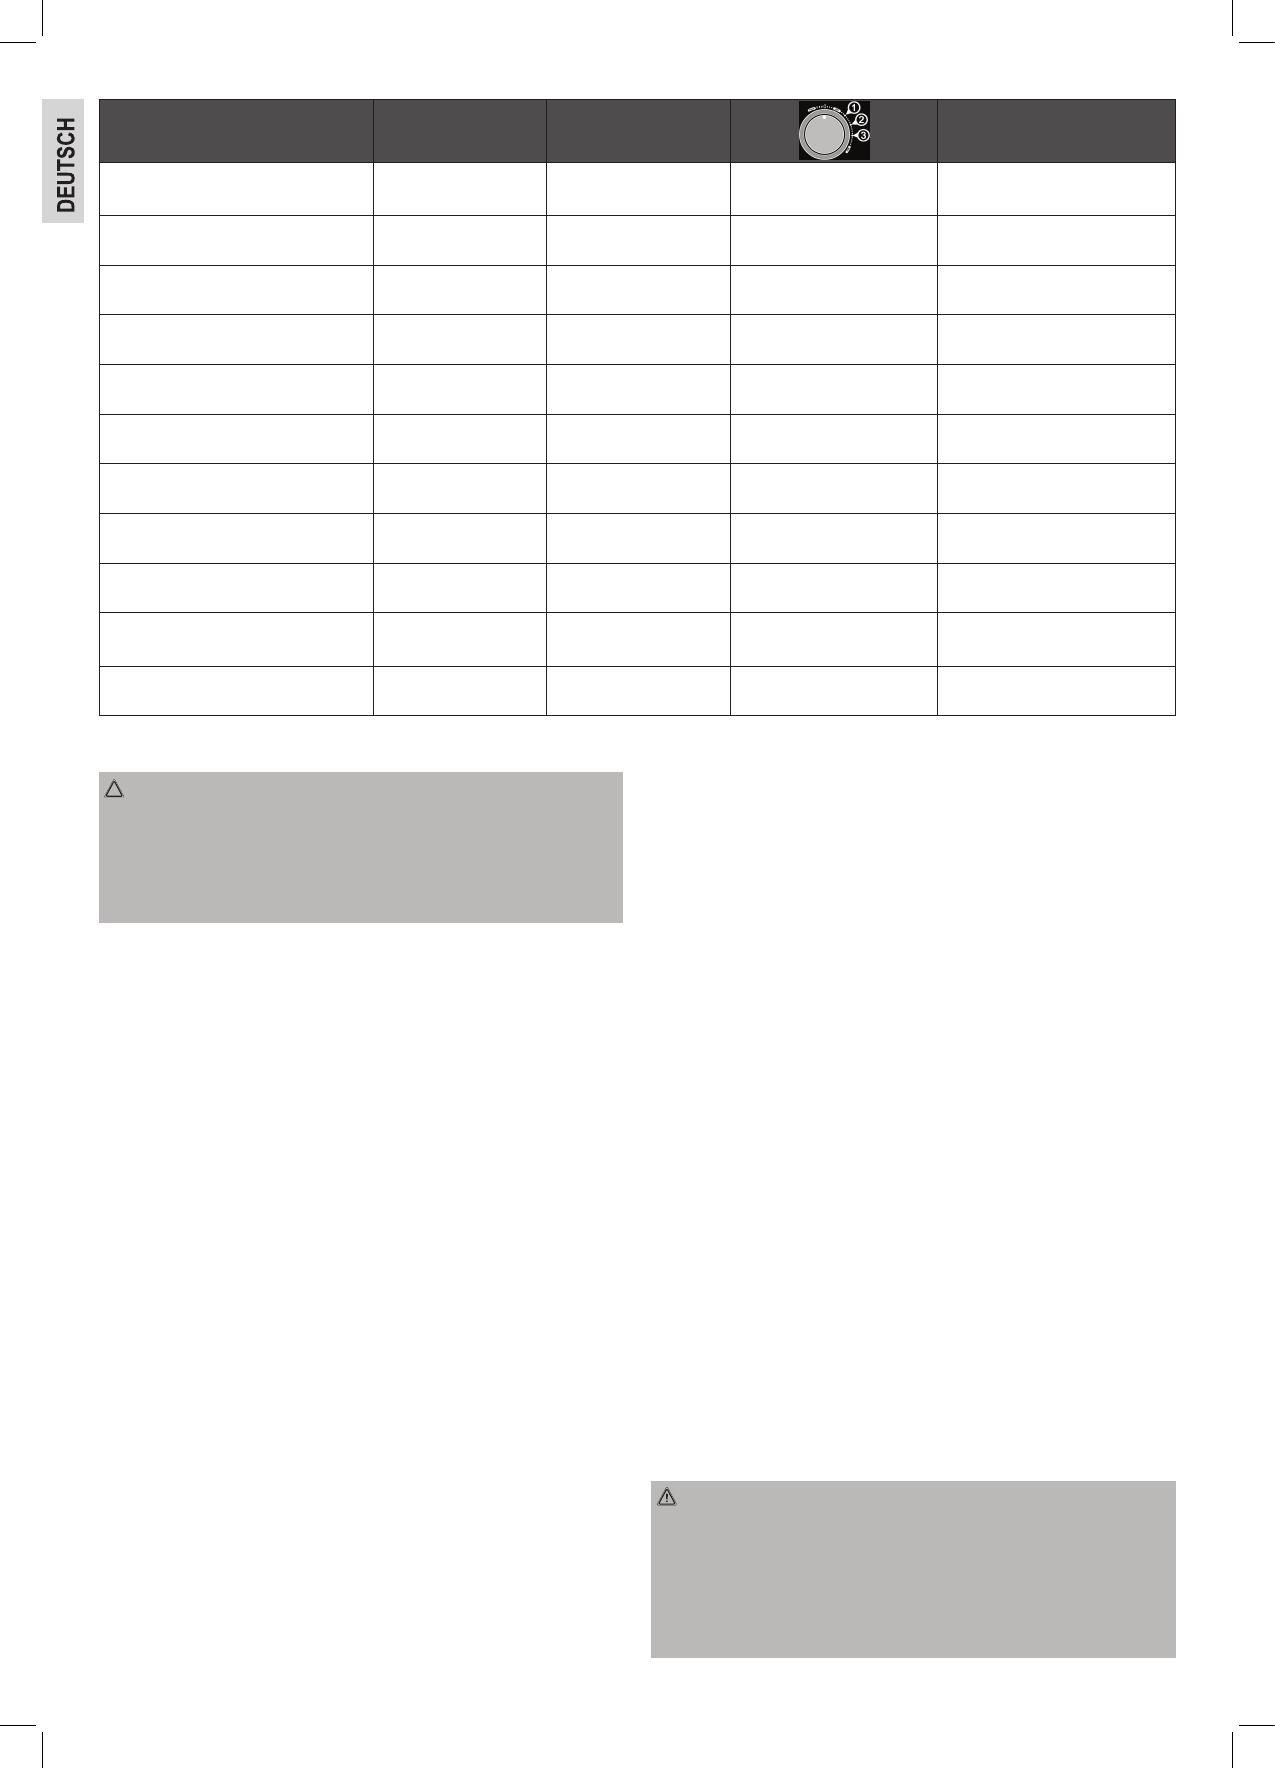 Bedienungsanleitung ProfiCook PC-KM 1063 (Seite 1 von 82) (Deutsch ...